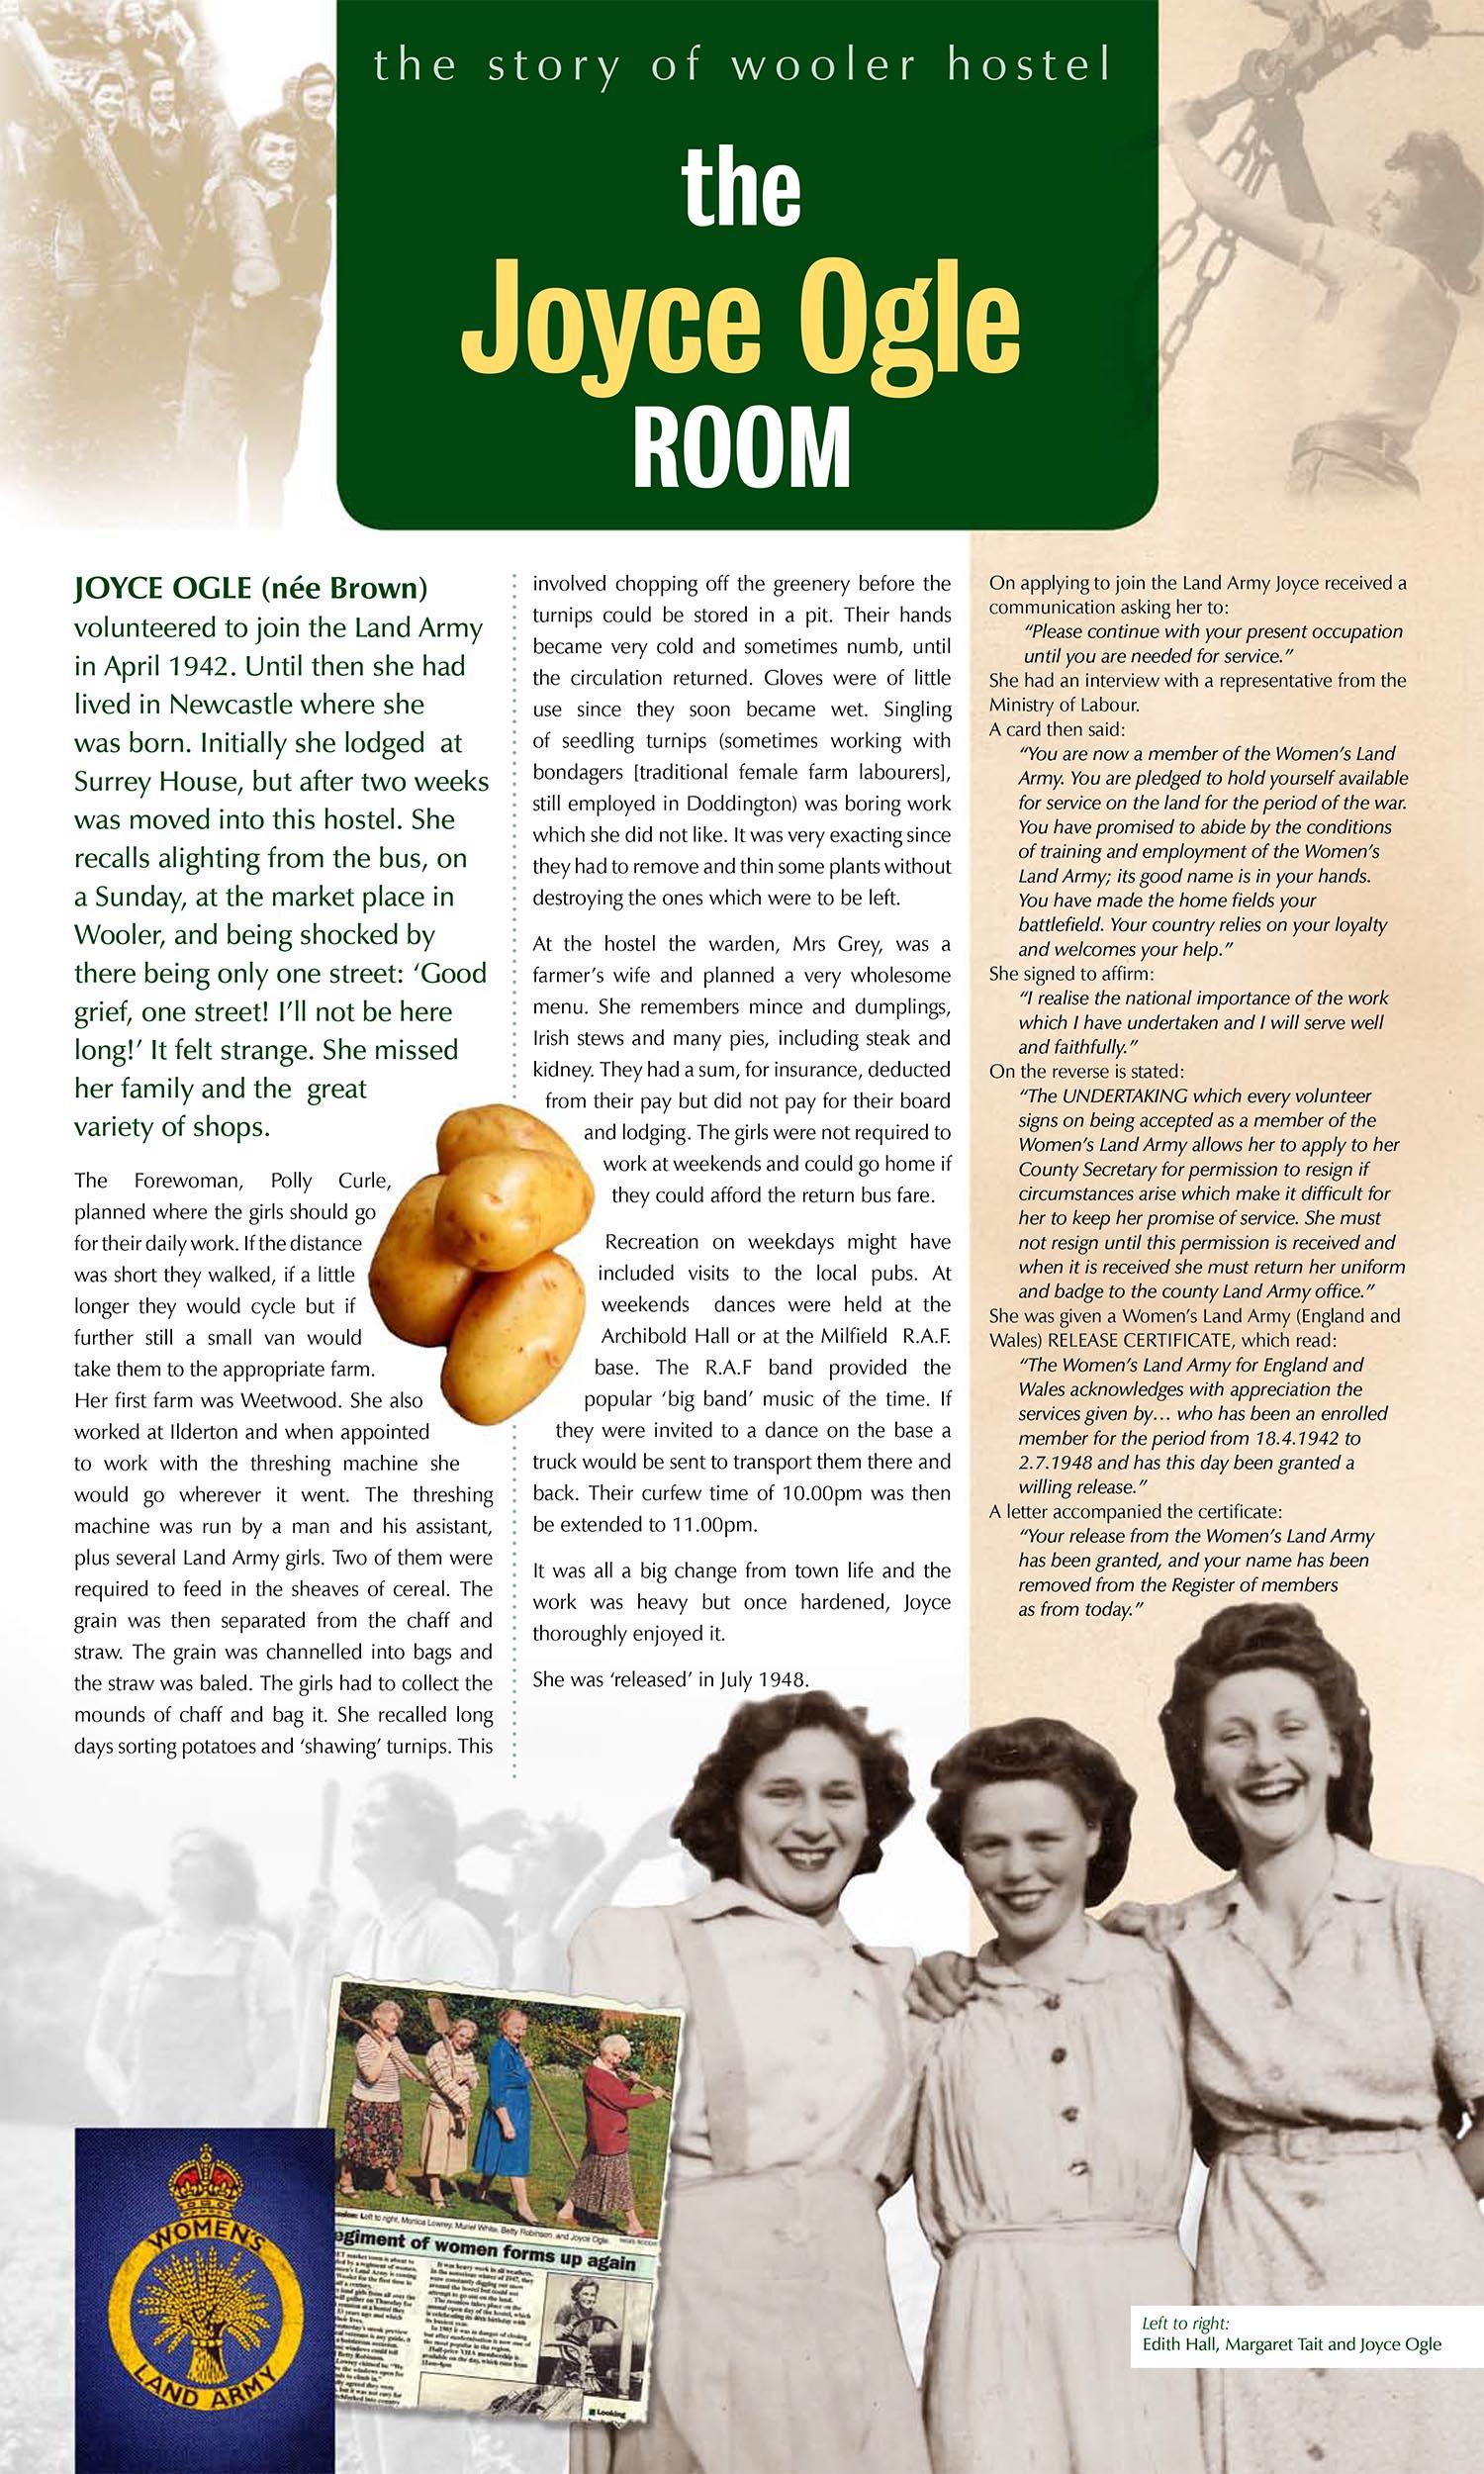 Joyce Ogle